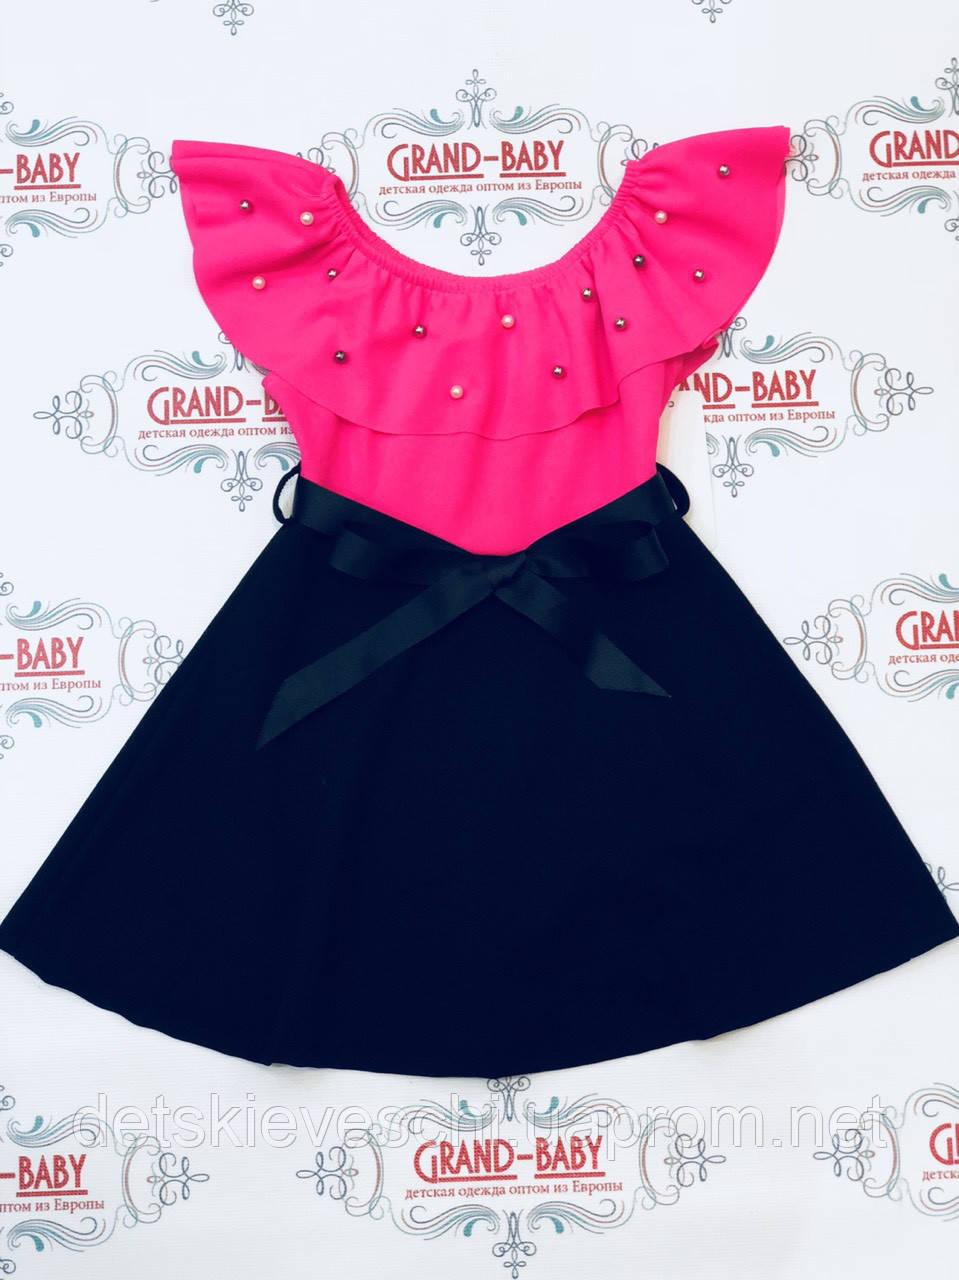 505243f7e30 Детский стильный сарафан для девочки .Италия - GRAND-BABY.COM.UA в